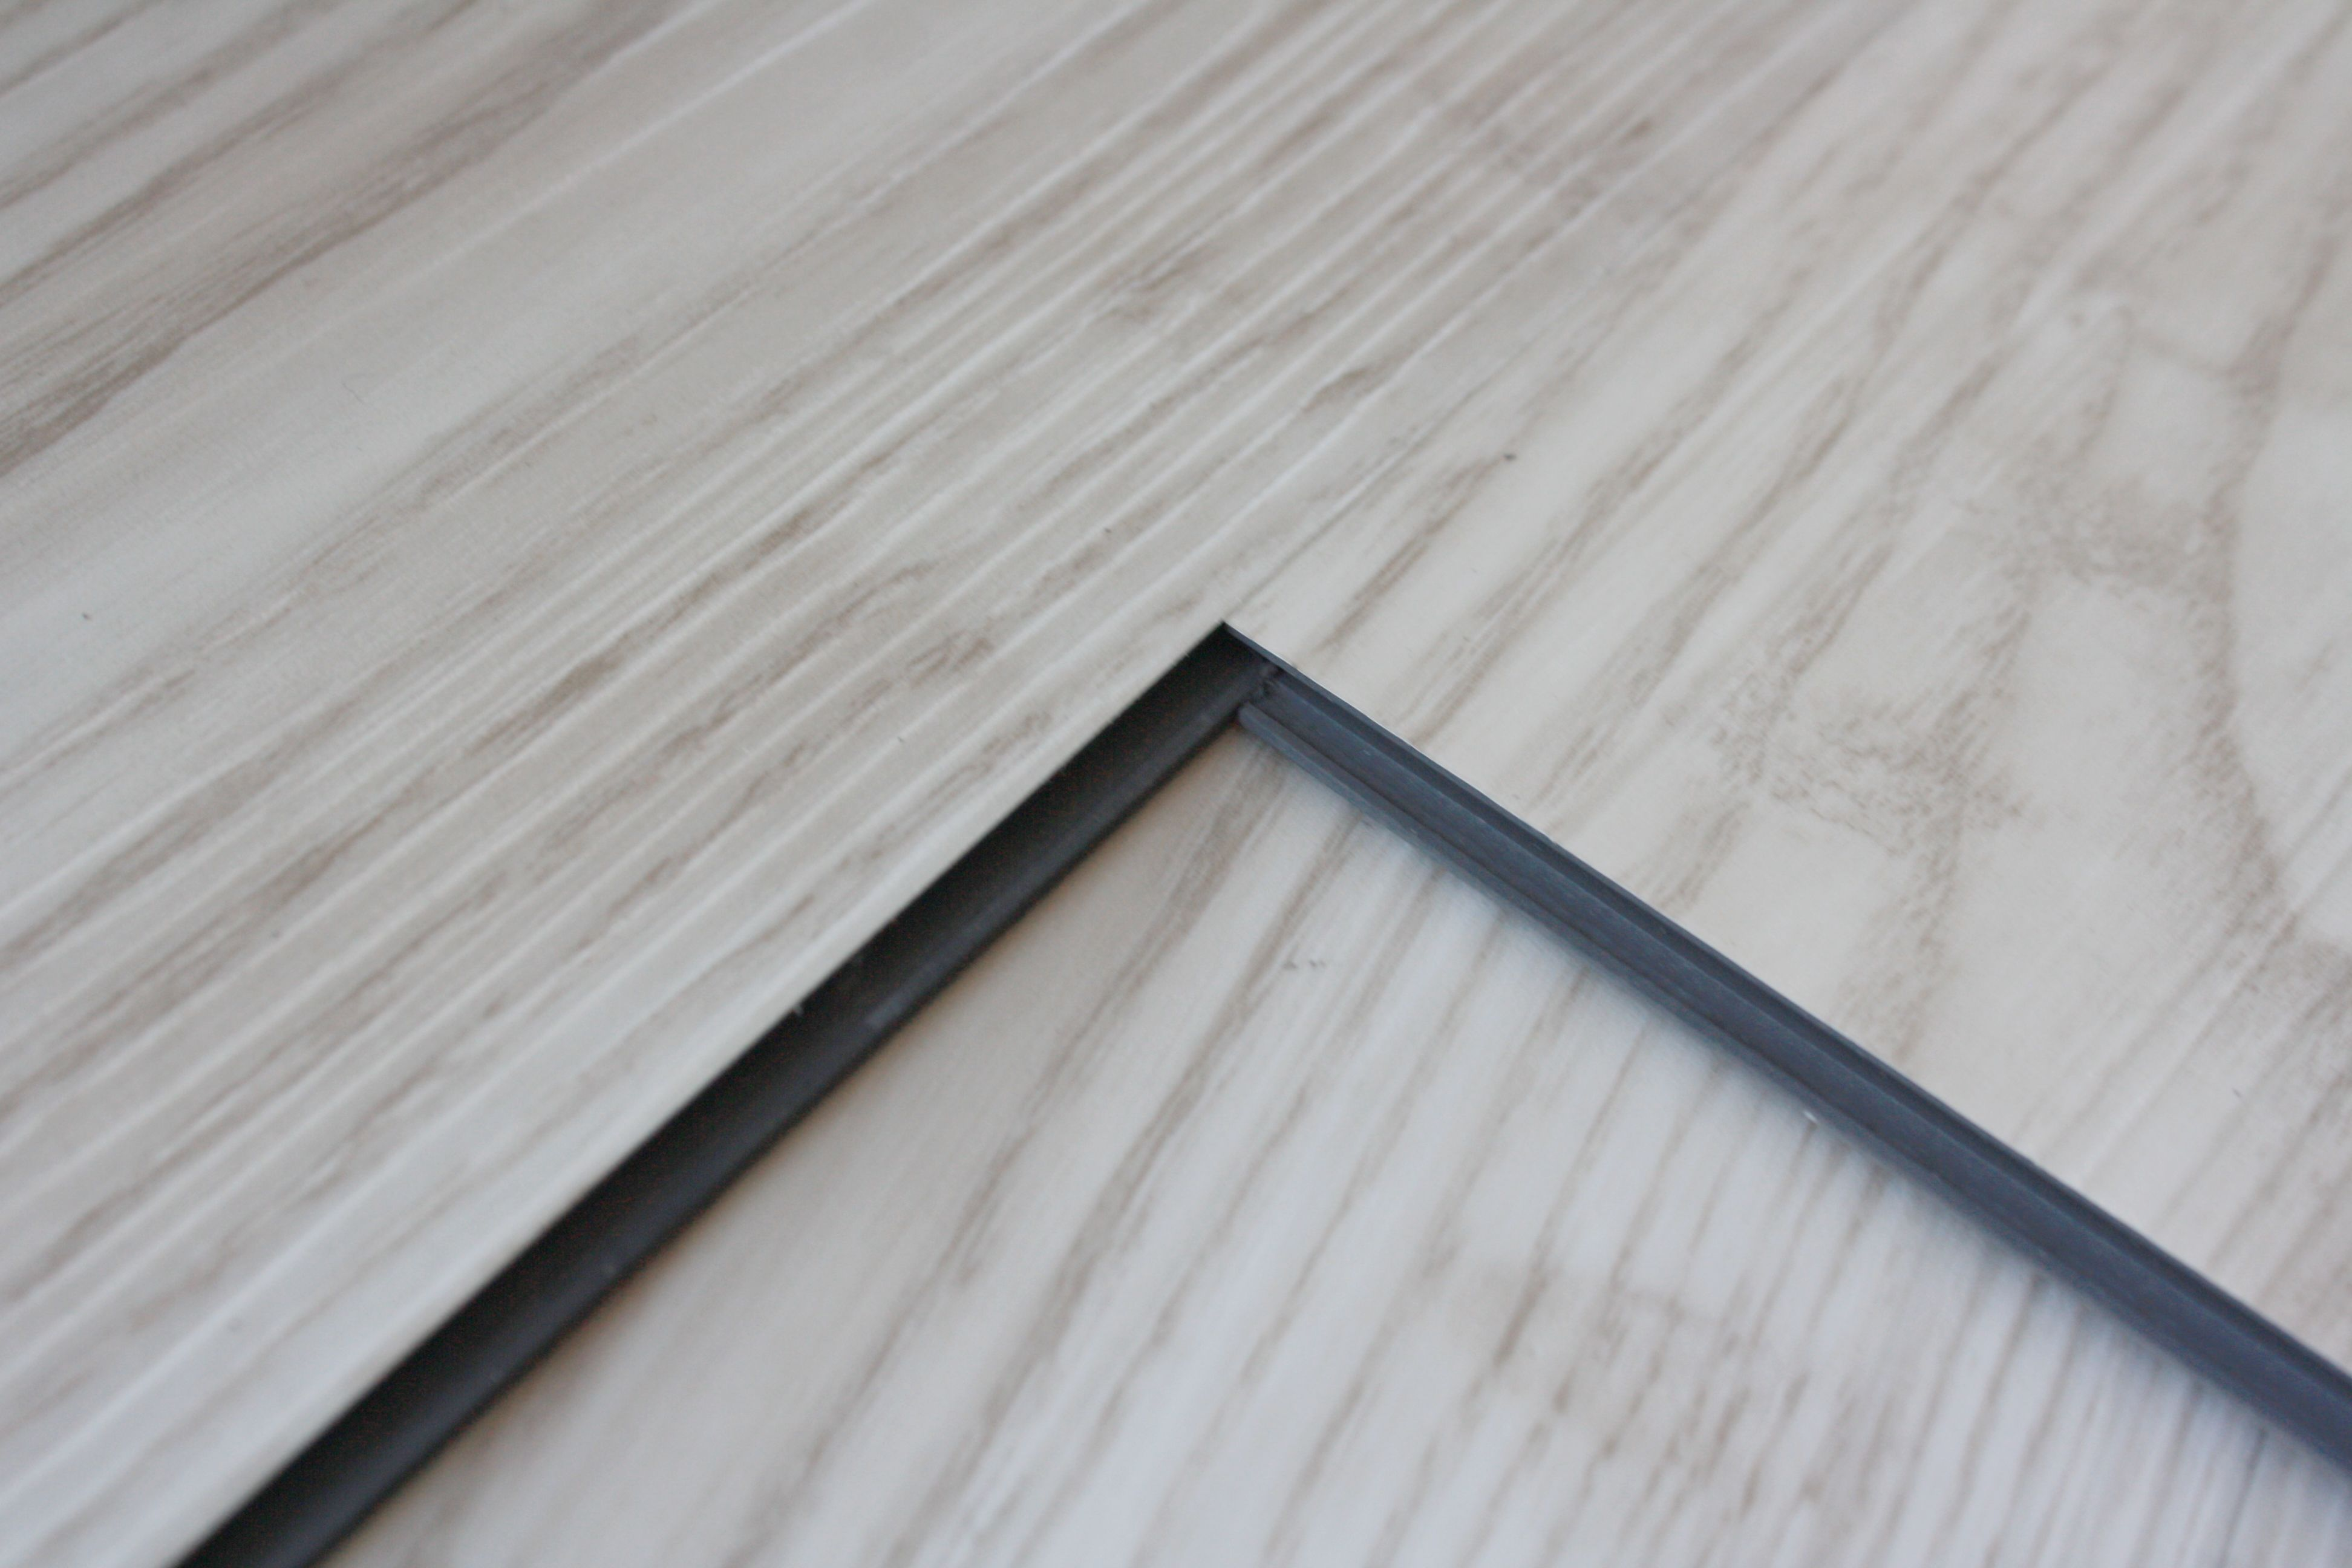 Hanflor Vinyl Floor Interlocking Glue Less Waterproof That Is The Interlocking Pvc Floor Hanflor Vinylfloorin Vinyl Flooring Vinyl Plank Vinyl Plank Flooring